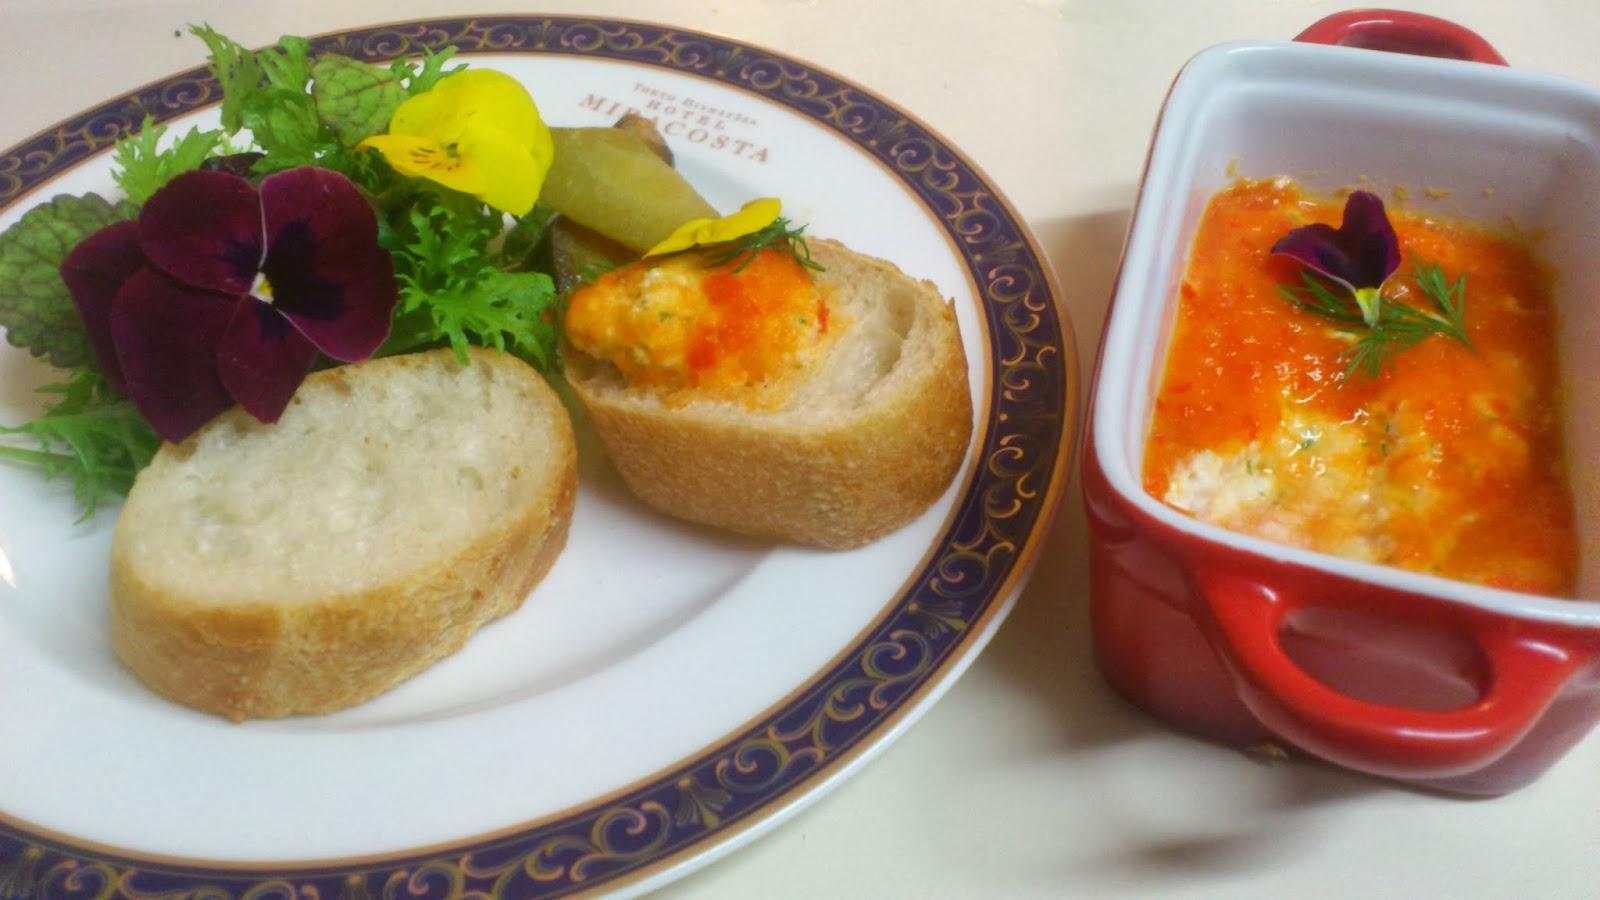 目黒区(奥沢・自由が丘)に出張シェフ:蟹とチーズのリエット〜パプリカソース〜